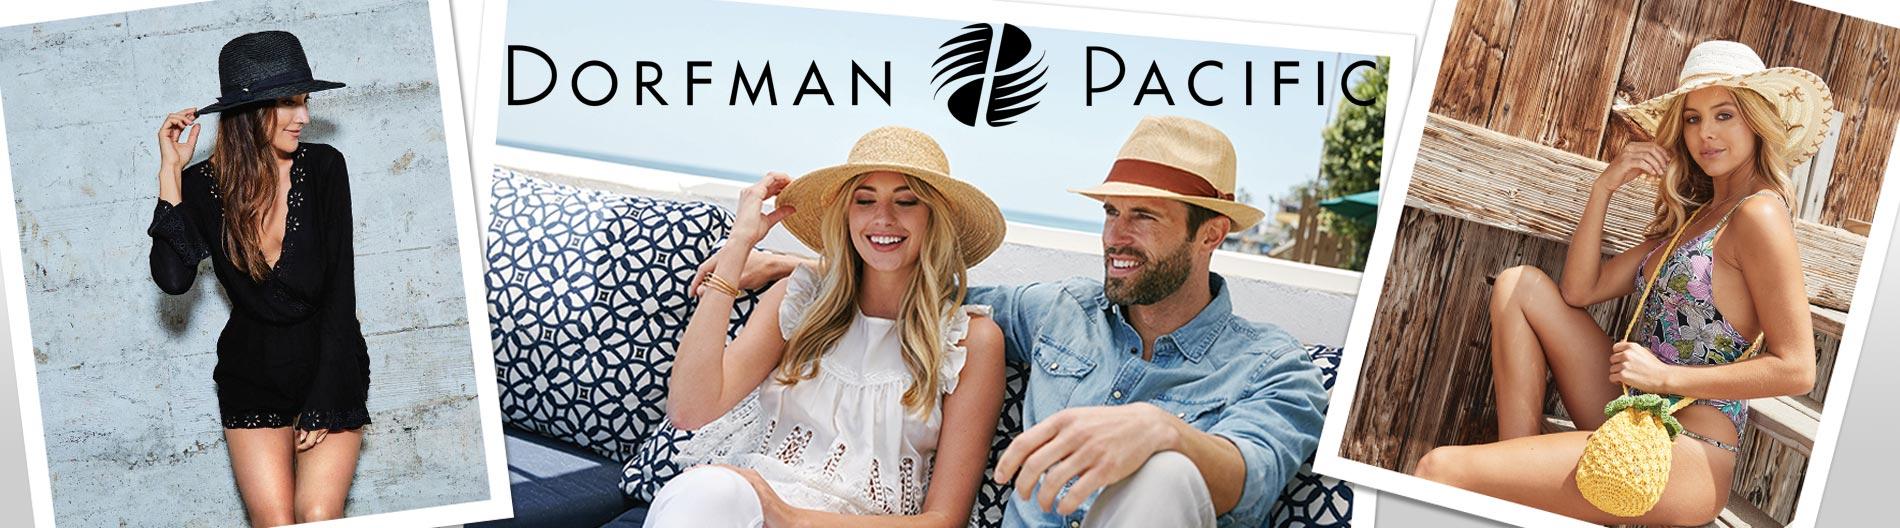 dorfman pacific hats online